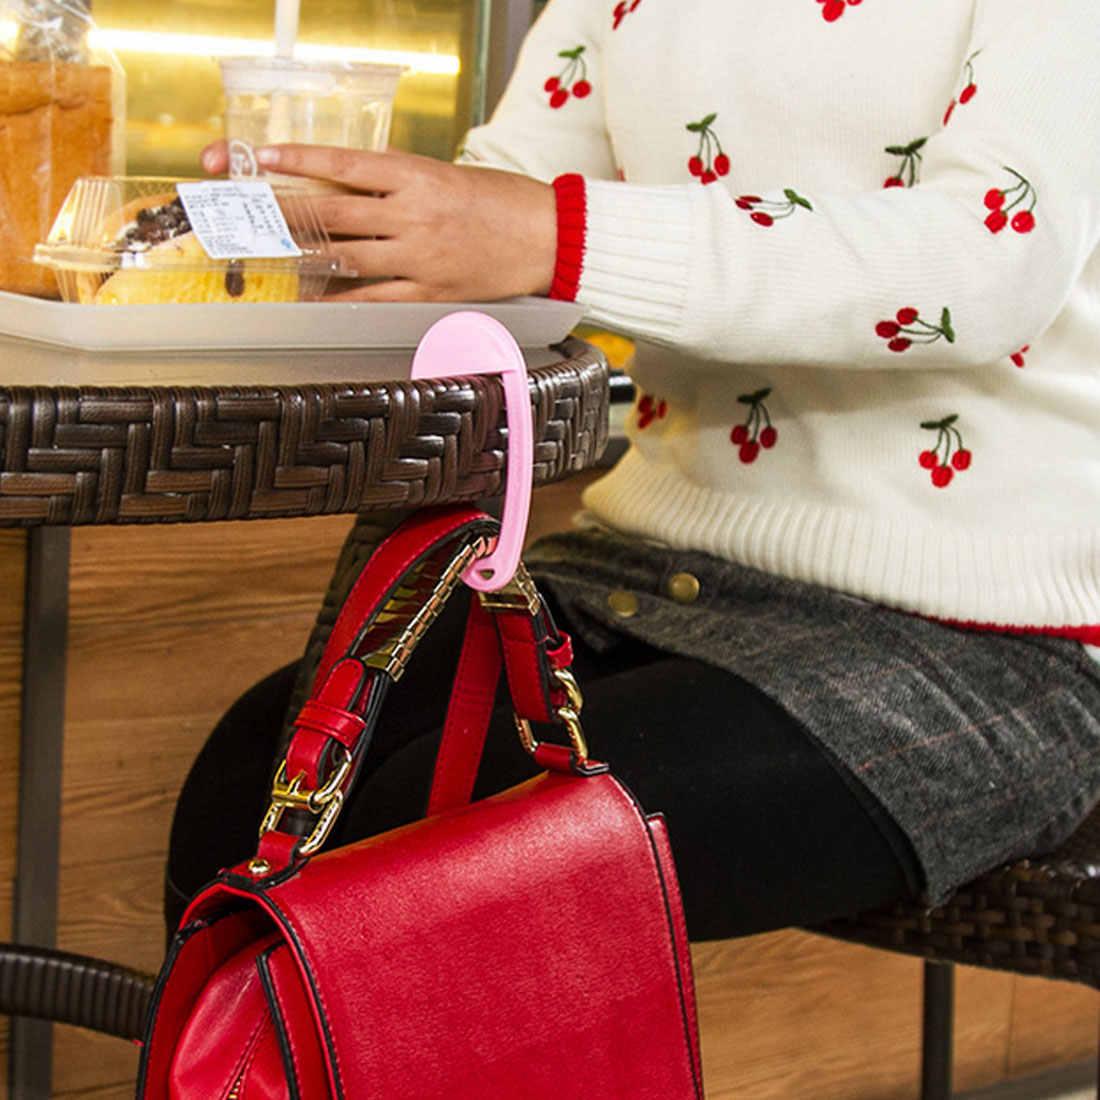 מיני נייד פלסטיק תיק וו בגדים ארנק תיק קולב אבזם מכשיר שולחן כיסא שולחן ברים תיק וו תיק מחזיק